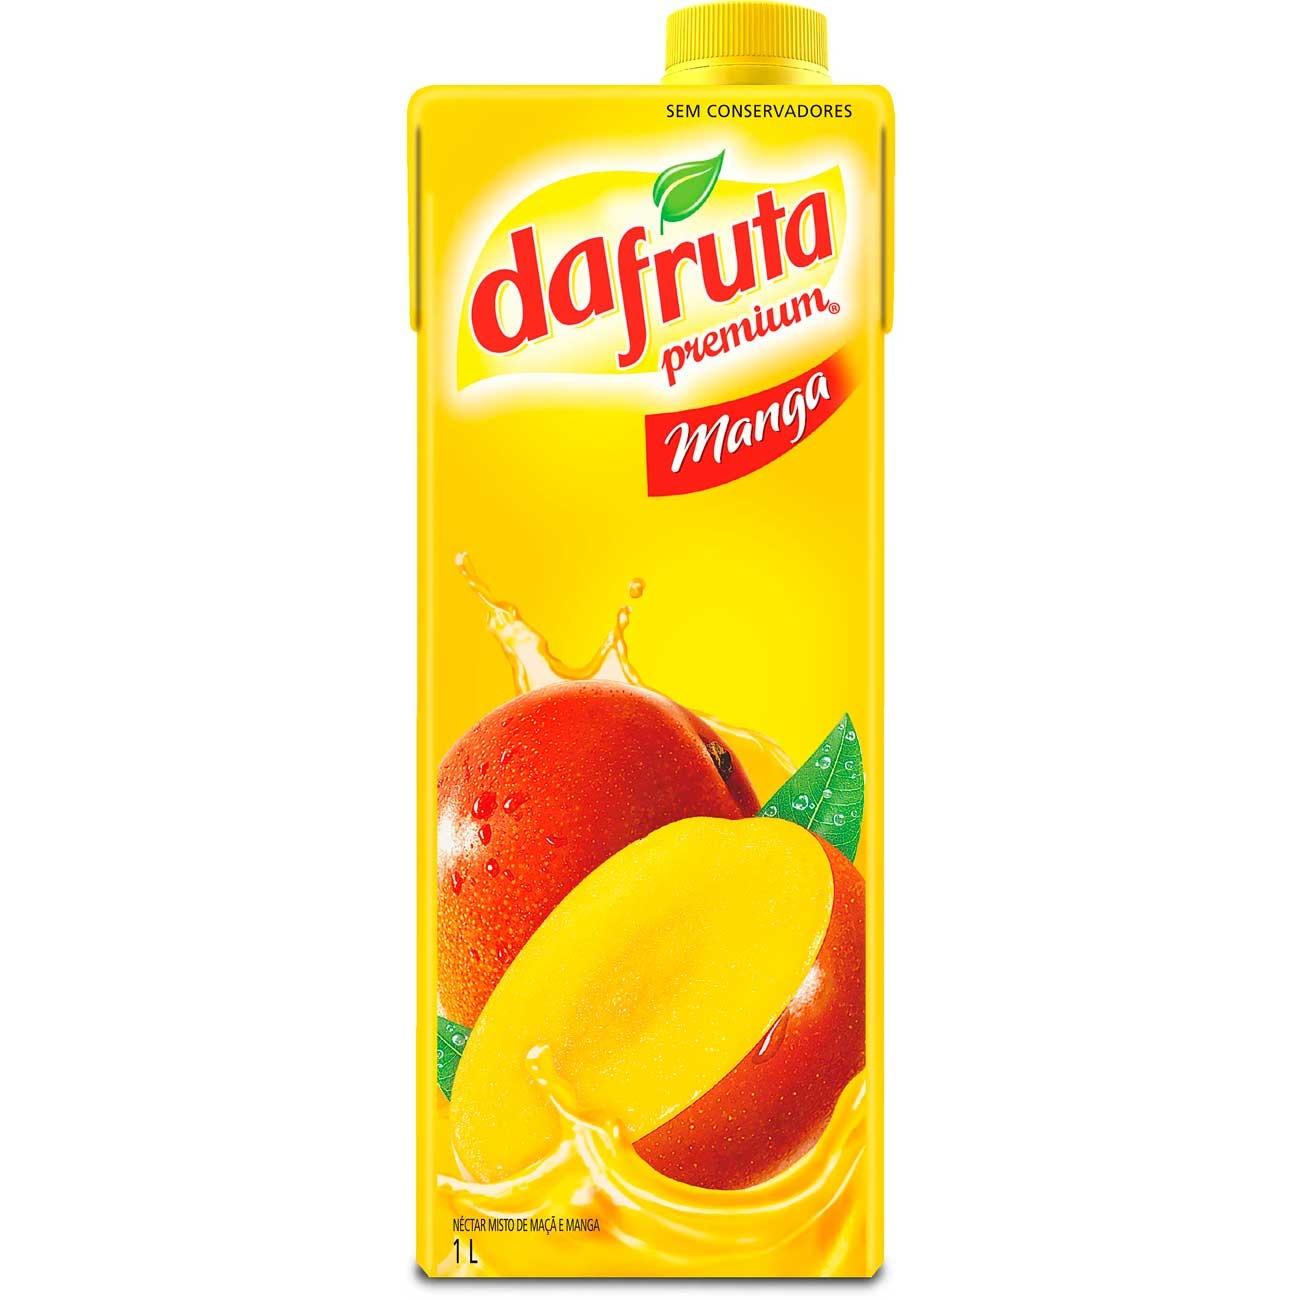 Suco Dafruta Manga Tp 1L | Caixa com 12 unidades